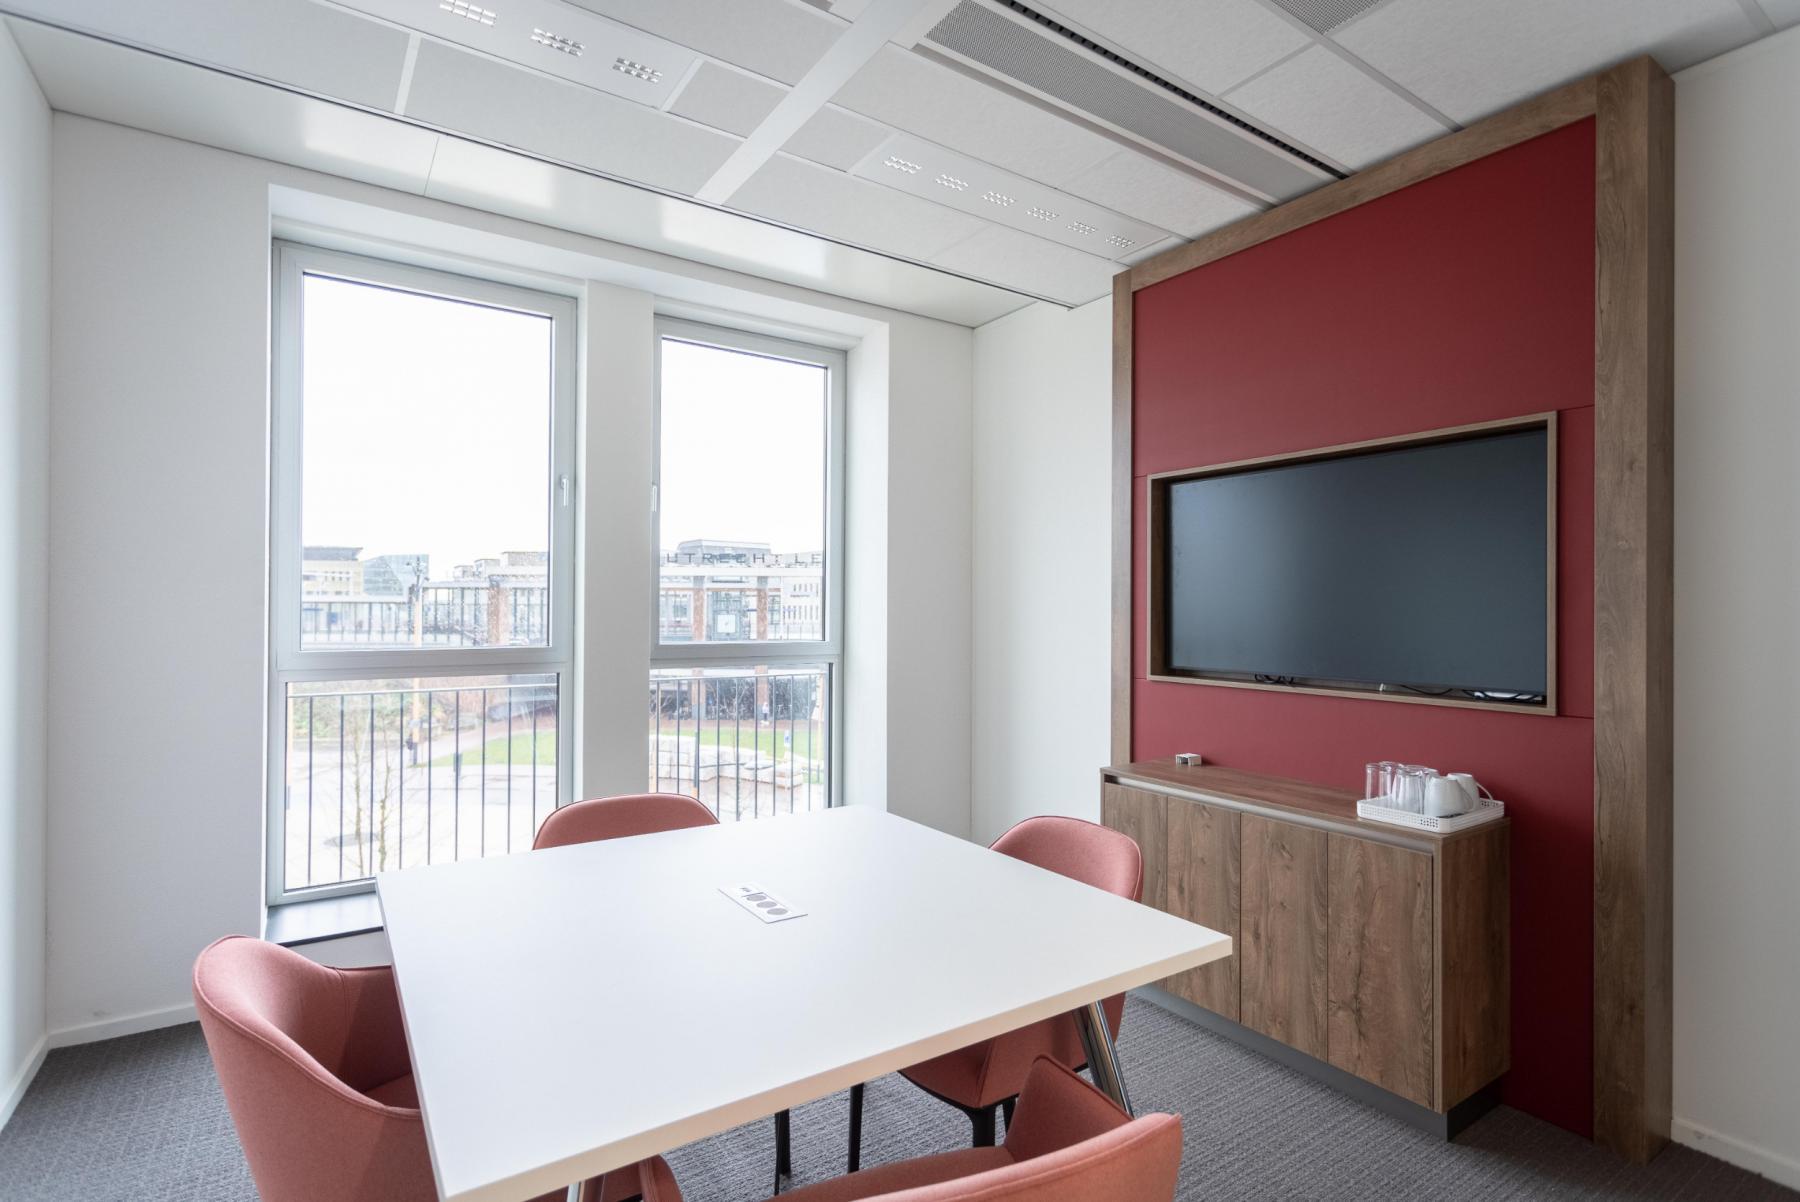 Parijsboulevard Utrecht Leidsche rijn kantoorpand kantoorruimtes co-working spaces